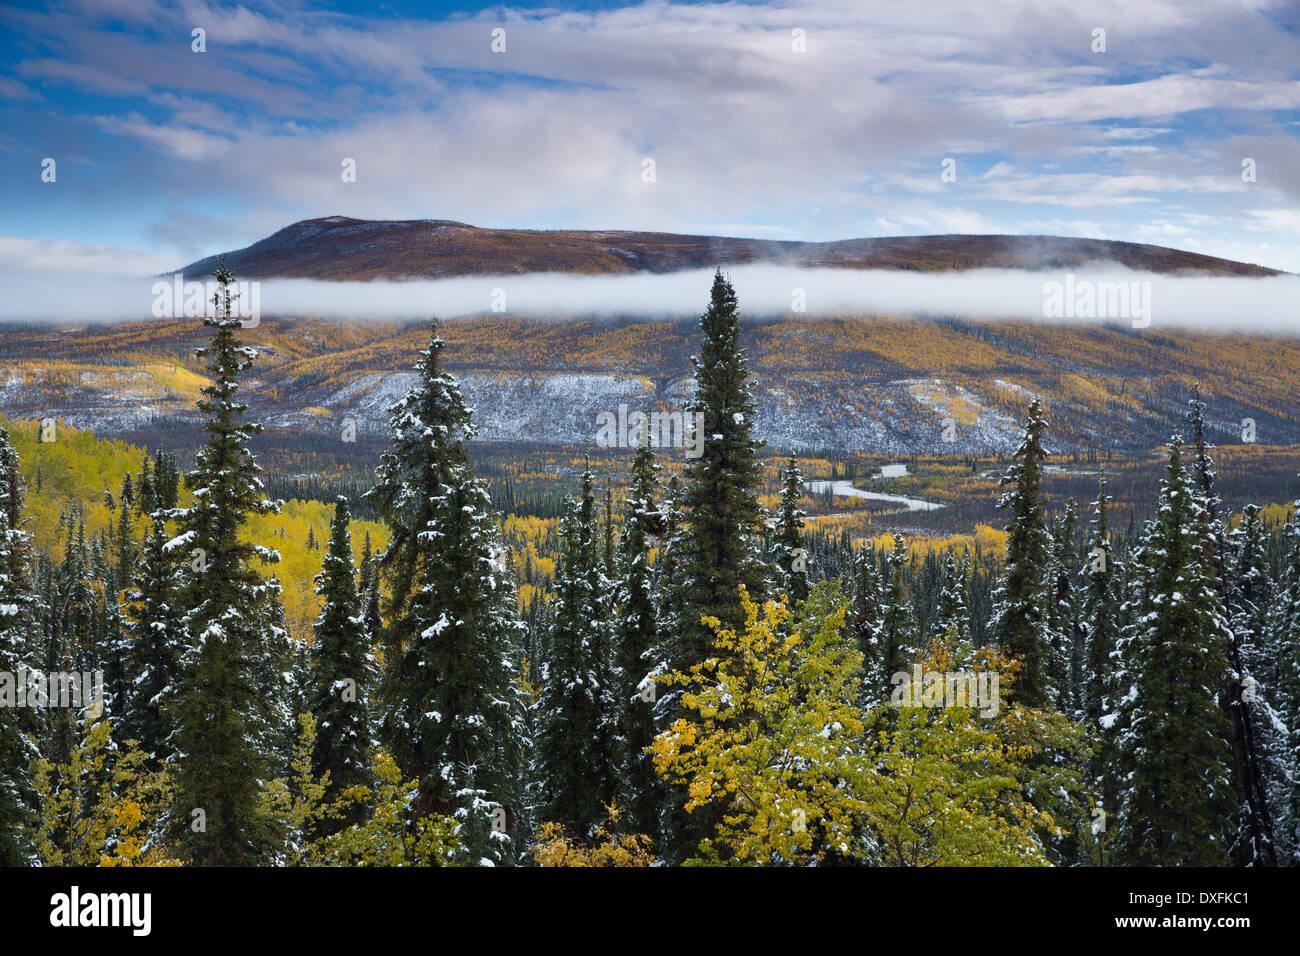 Herbstfärbung und der erste Schnee im Tal Stewart River, Yukon Territorien, Kanada Stockbild